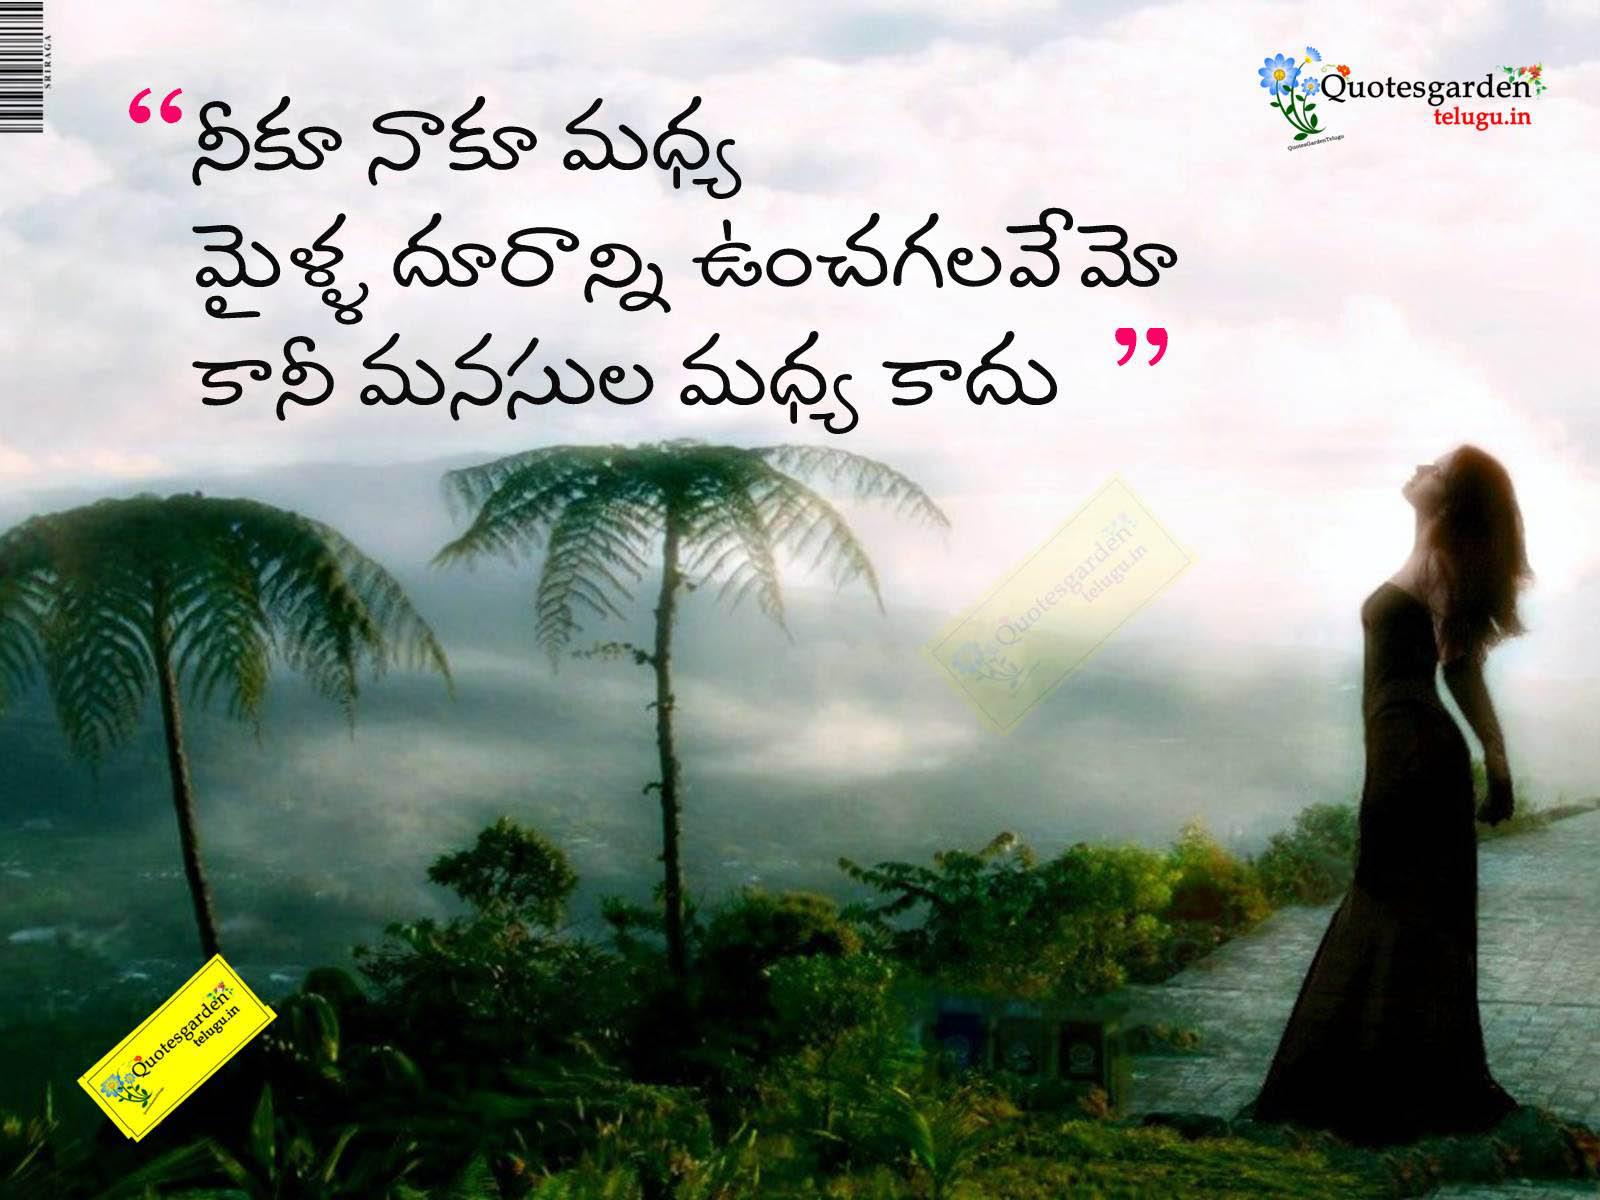 Elegant Love Failure Quotes In Telugu Hd Images - good quotes